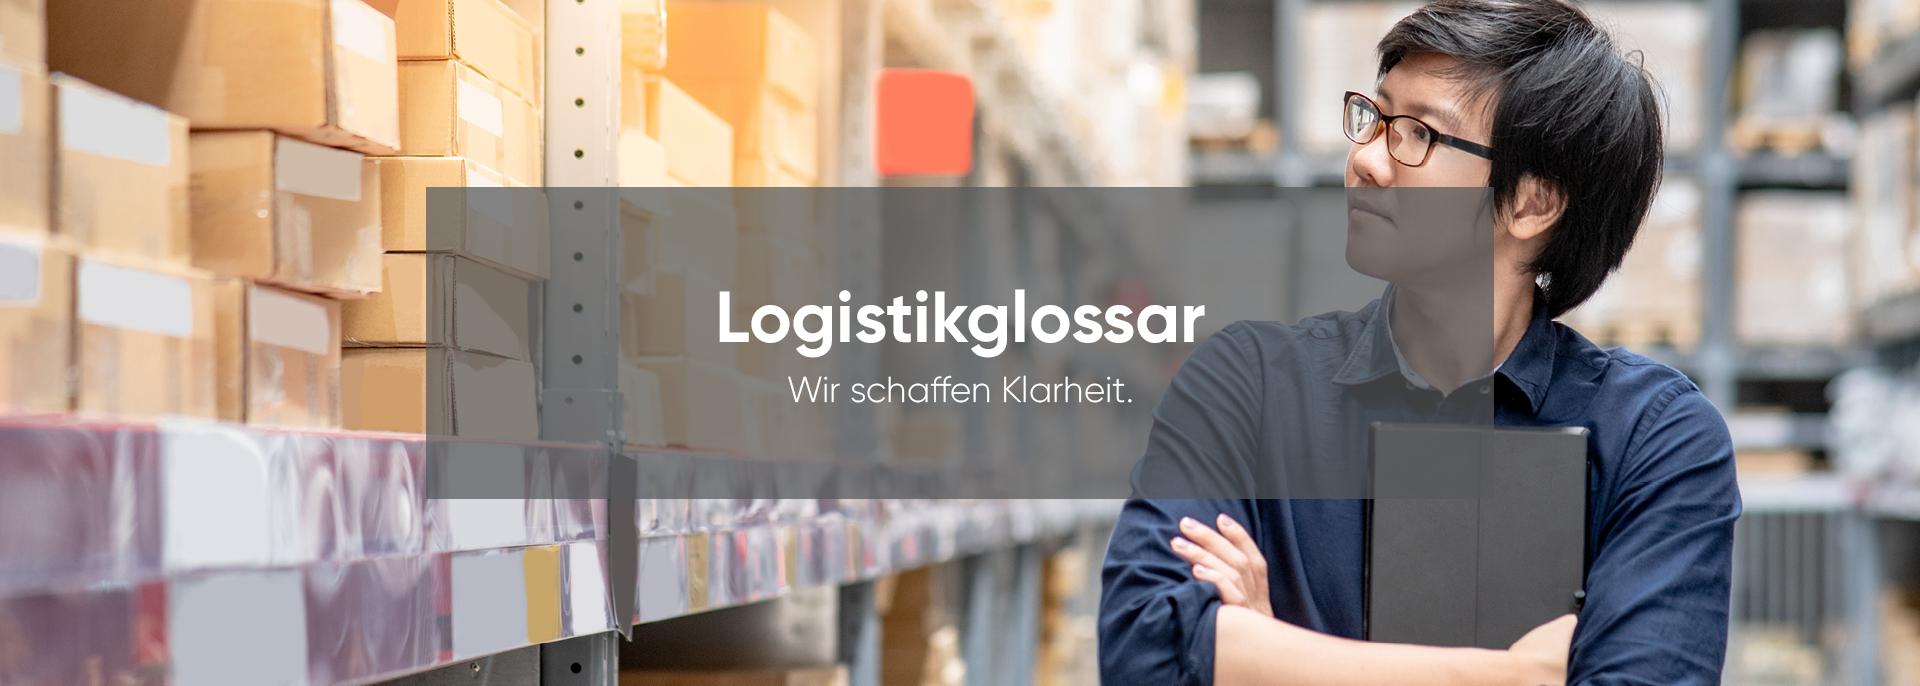 Logistikglossar - Hier finden Sie, was Sie suchen